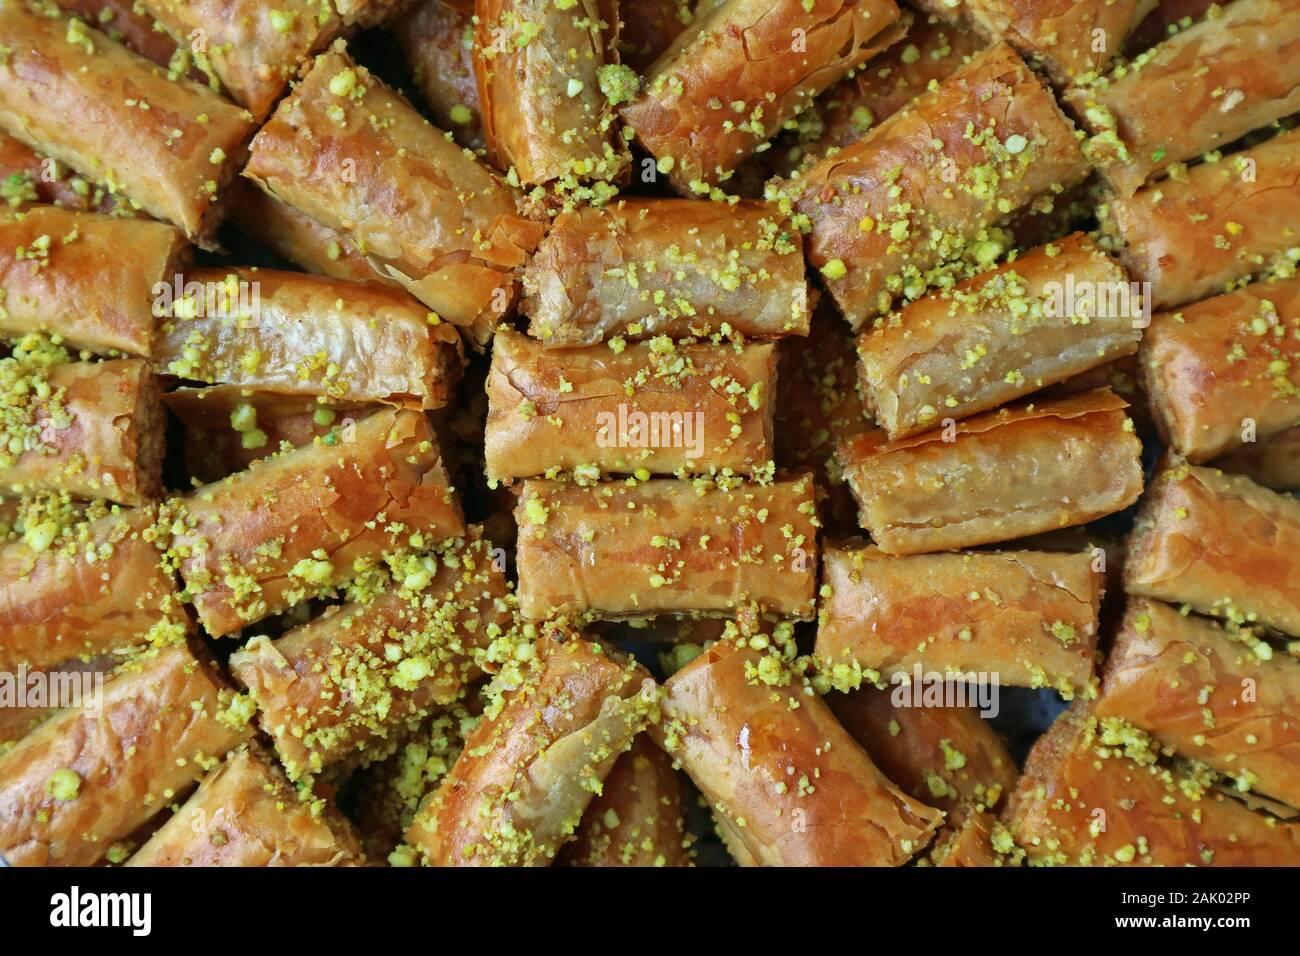 Vista superior del Baklava pastelillos coronados con pistachos picados Foto de stock